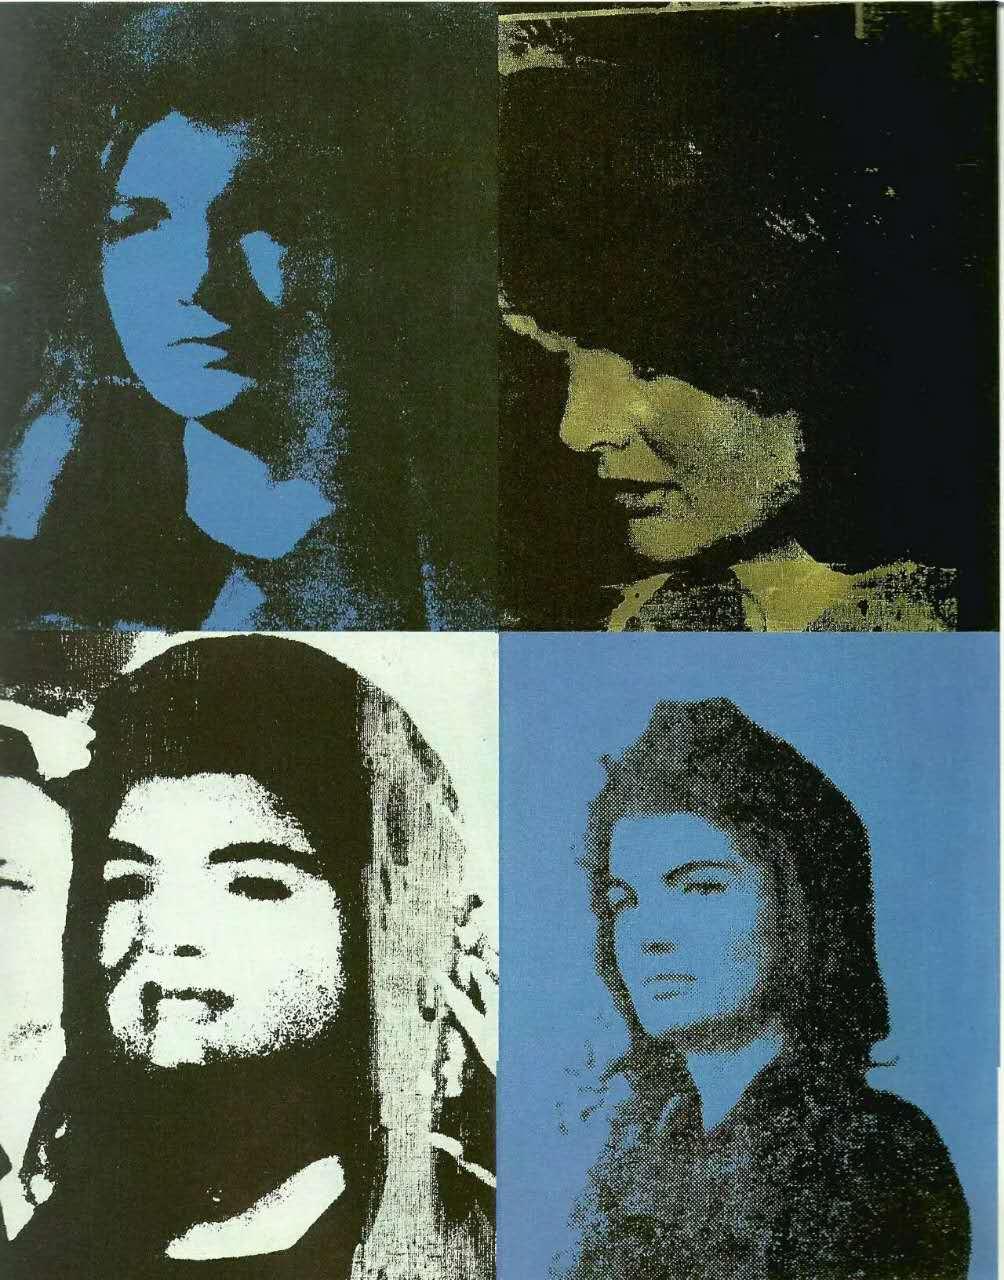 贾斯珀·约翰斯(美) 1963-1966   丝网版和石版  劳森伯格(美)